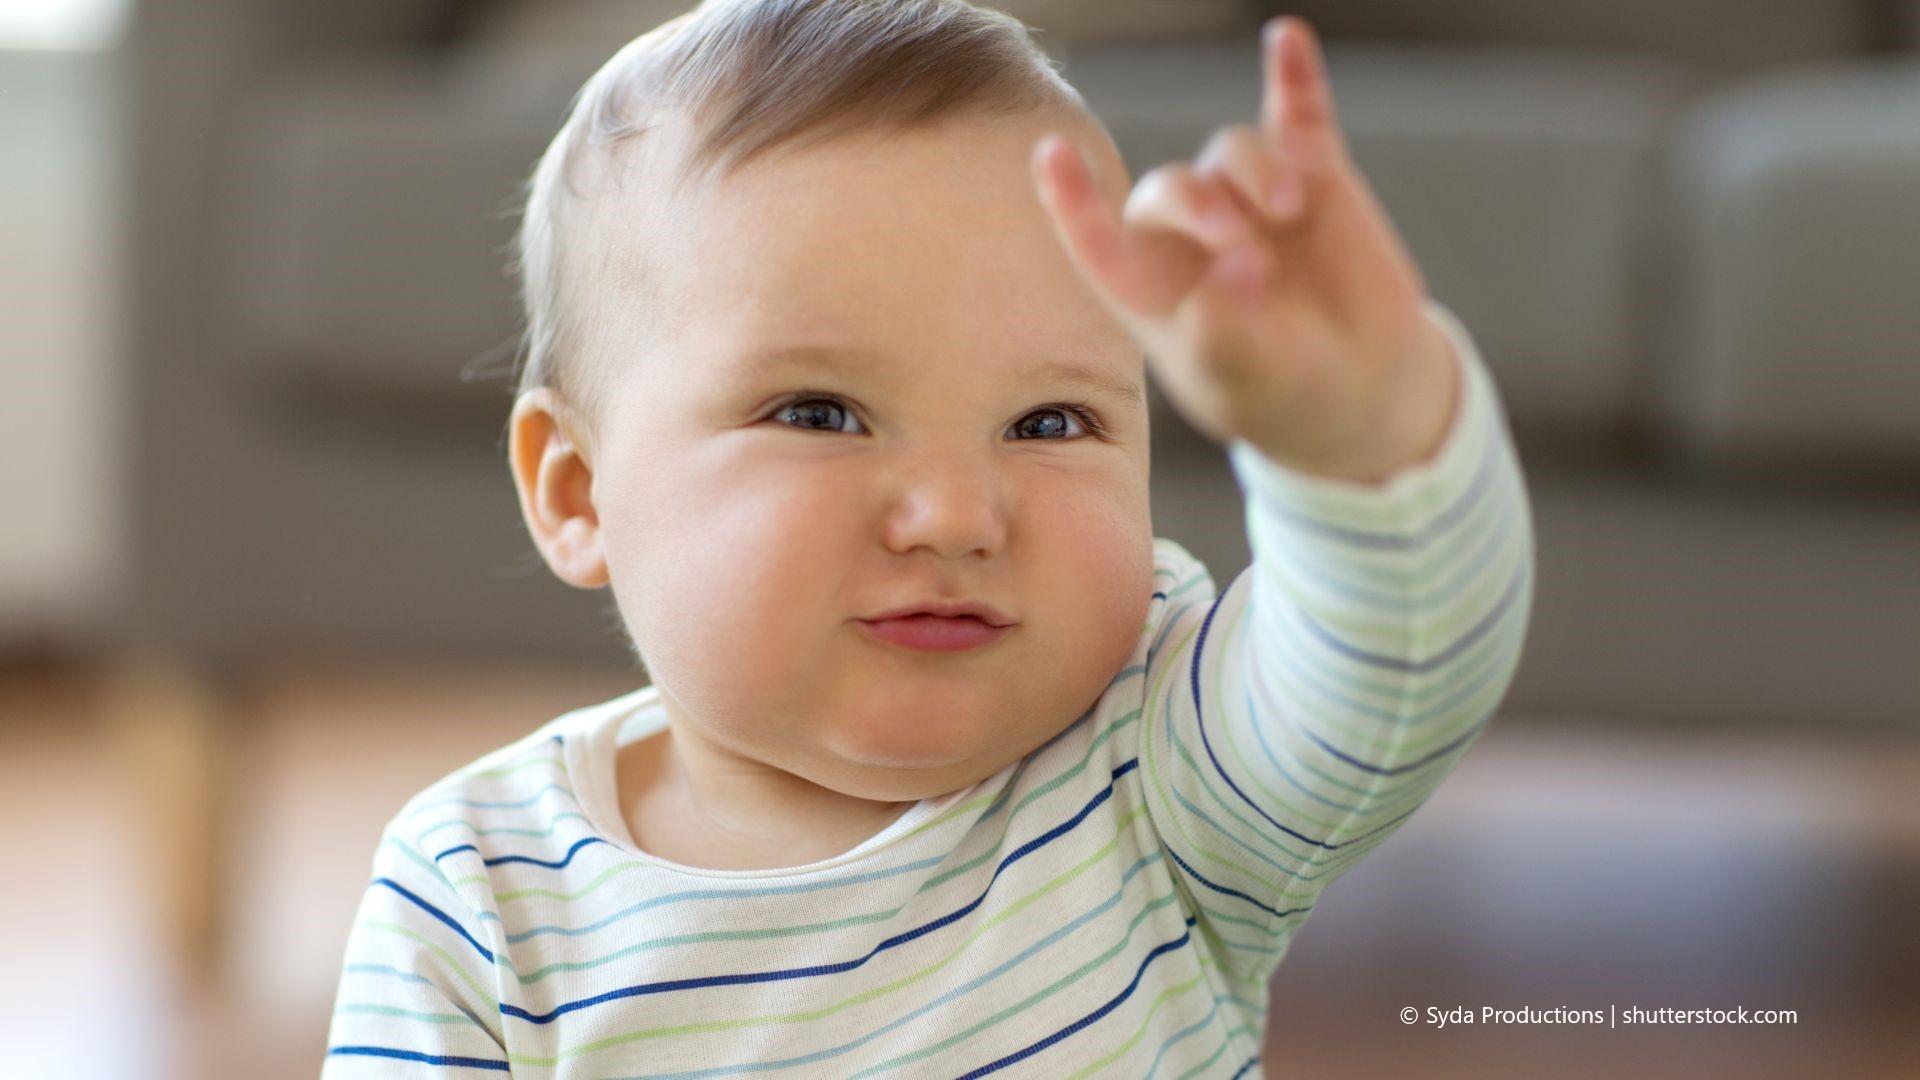 Schon kleine Kinder können die Handzeichen der GuK lernen.